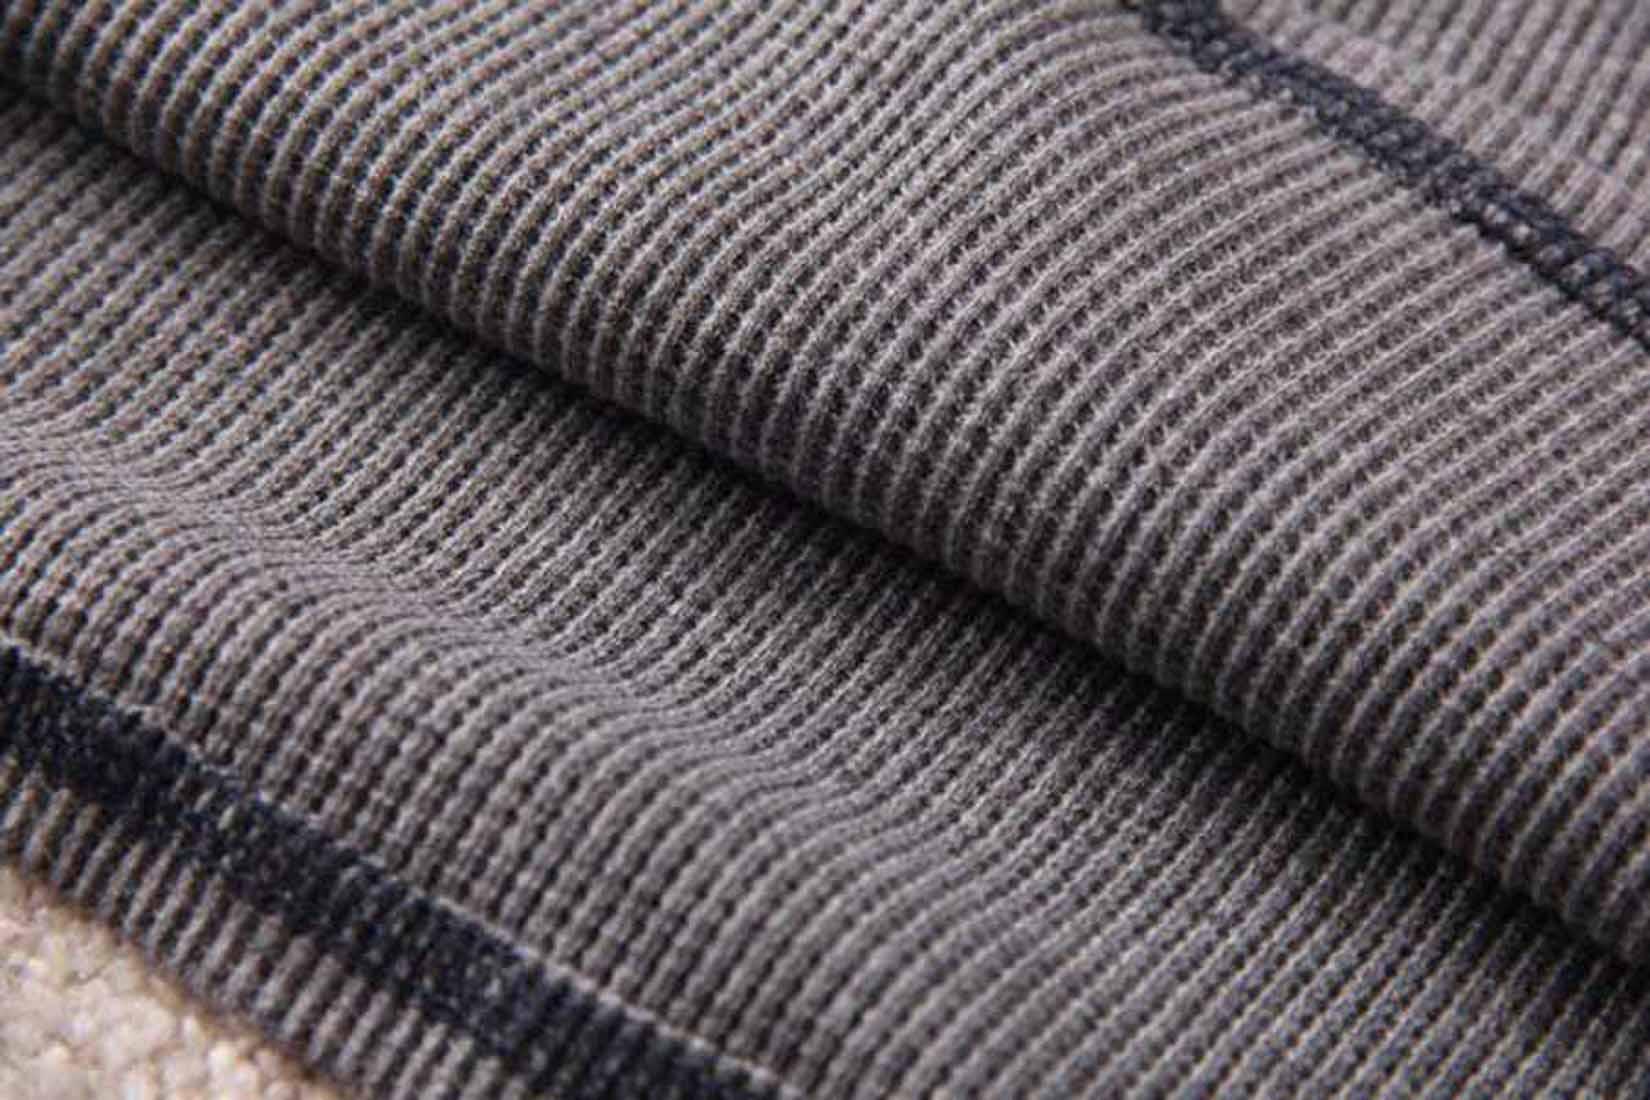 เสื้อยืดแขนยาว แฟชั่นเกาหลีลายวินเทจรุ่นใหม่สินค้าพิเศษ นำเข้า ฟรีไซส์ สีน้ำเงิน - พร้อมส่งTJ7396 ราคา550บาท